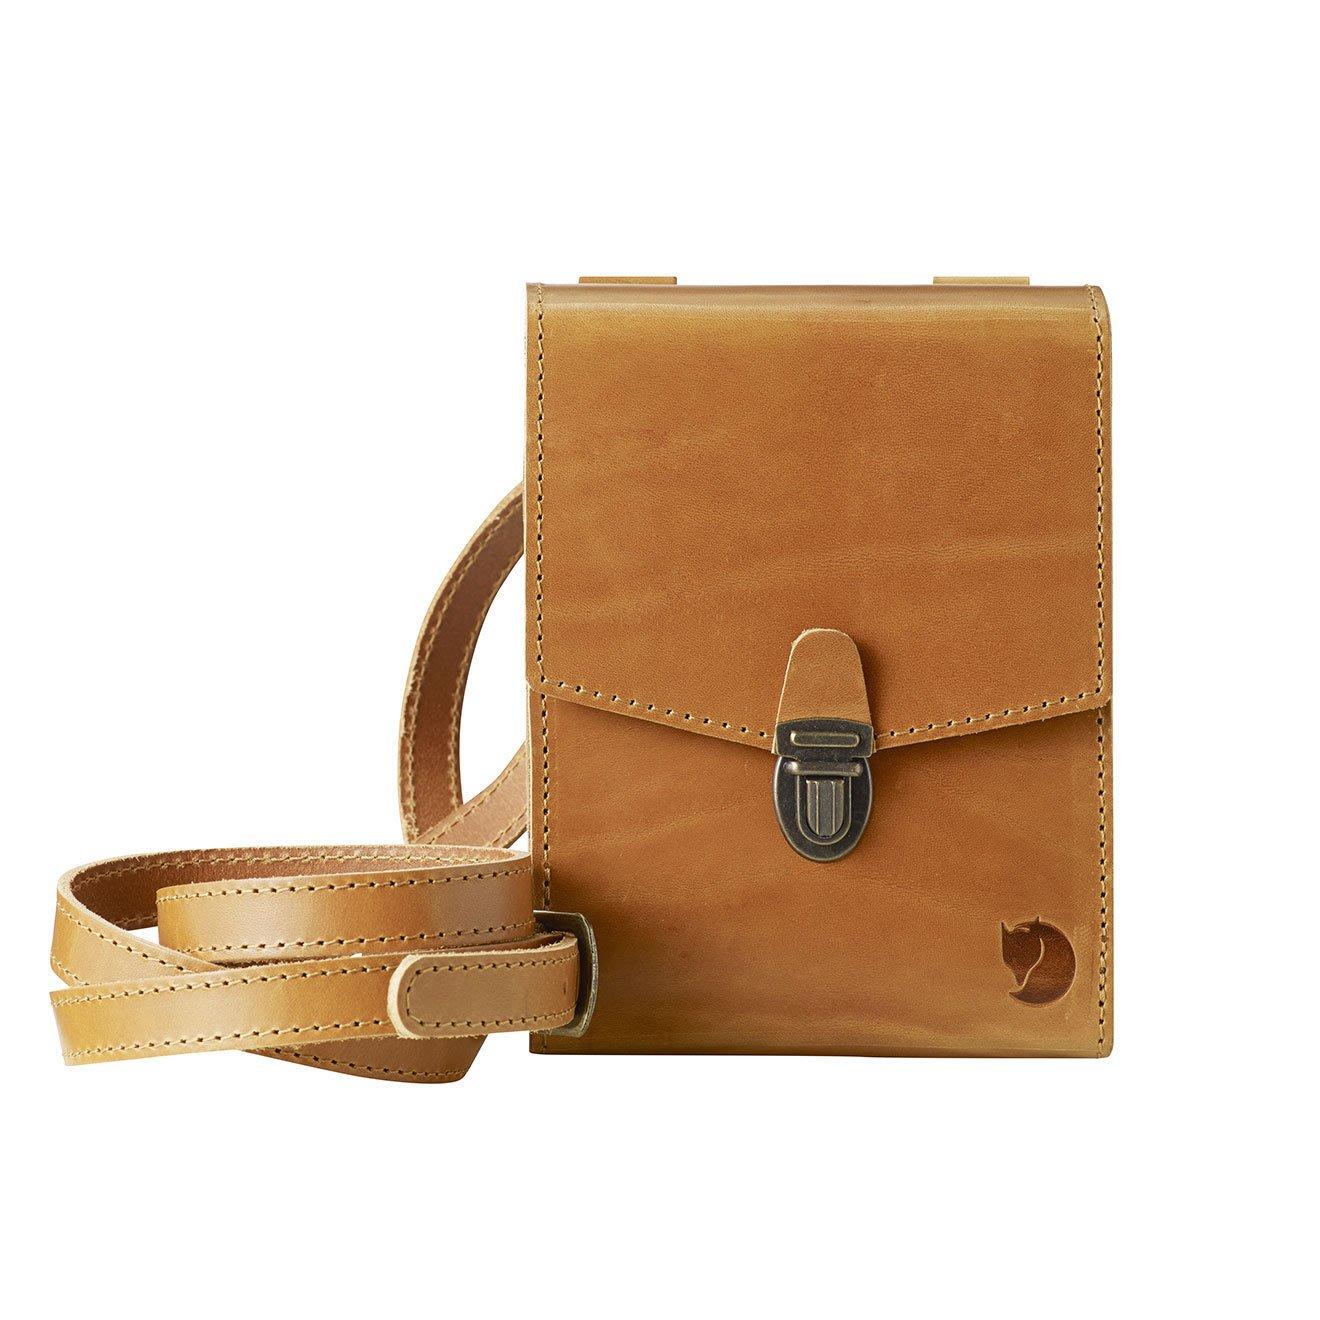 瑞典Fjallraven小狐狸/北極狐Singi Bino Bag全皮革側背包 隨身包 護照包 工具袋 腰間包 小側袋